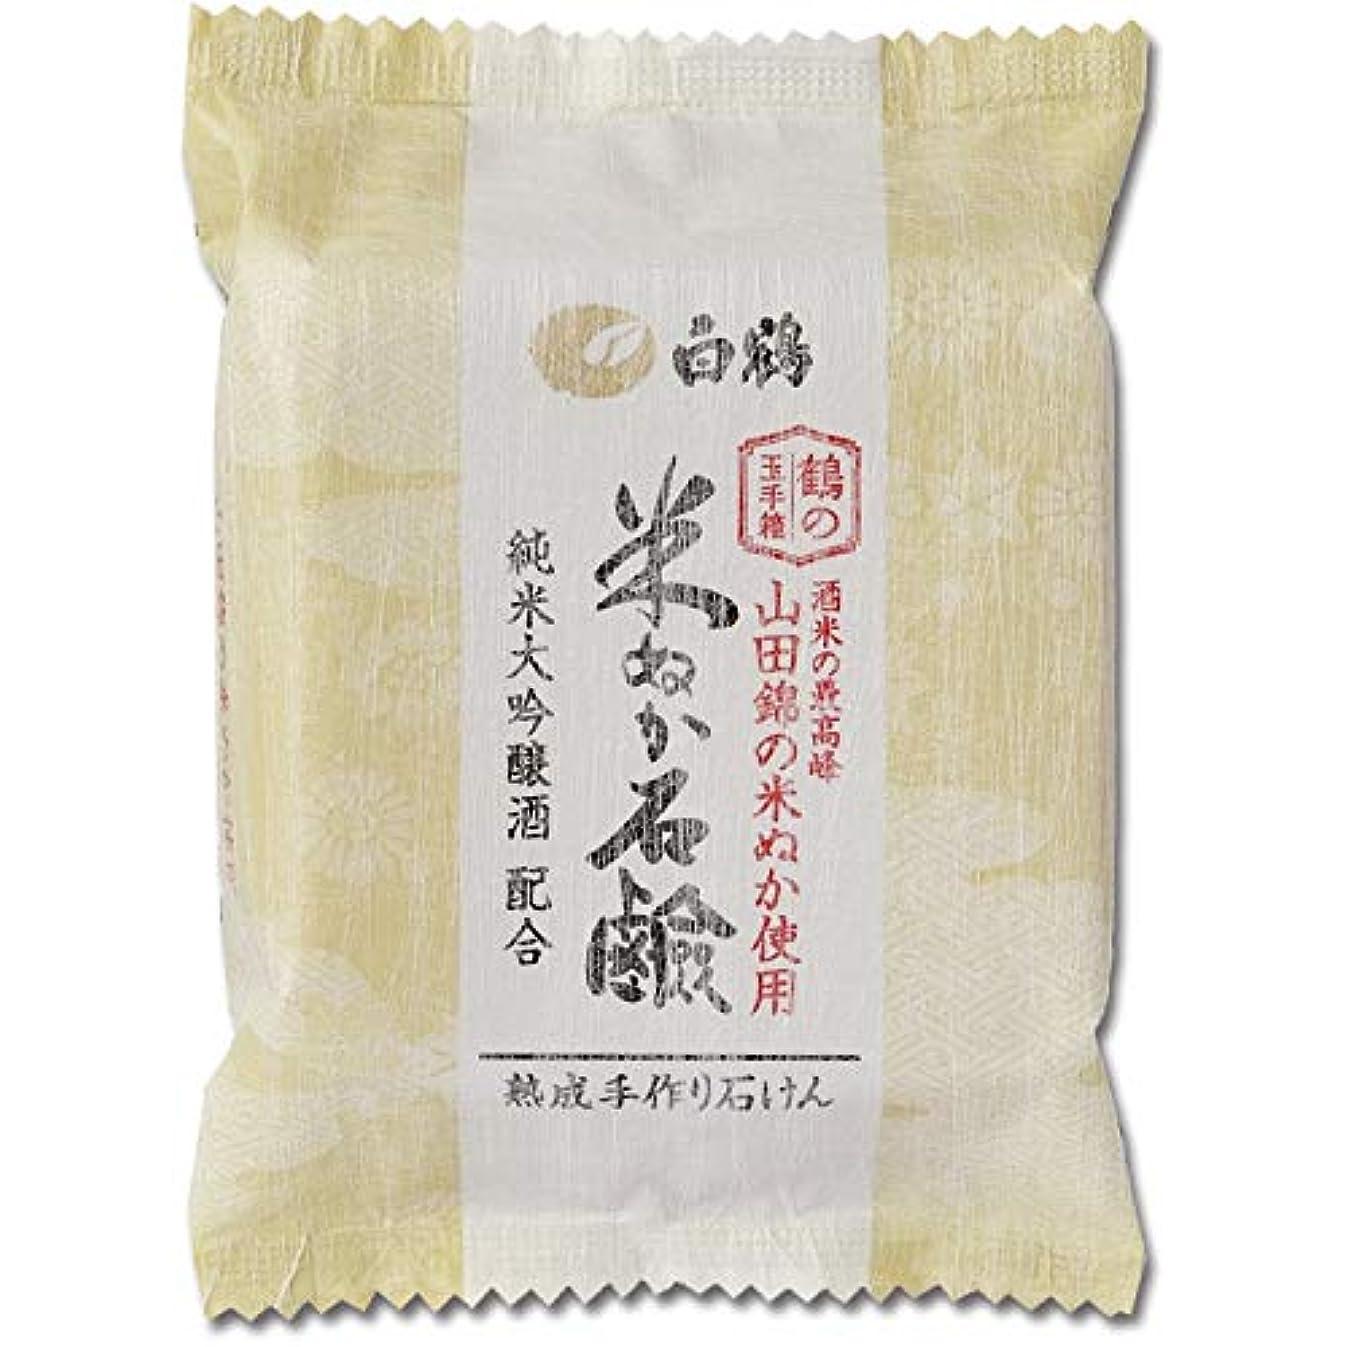 歌手金銭的なカフェ白鶴 鶴の玉手箱 米ぬか石けん 100g (全身用石鹸)